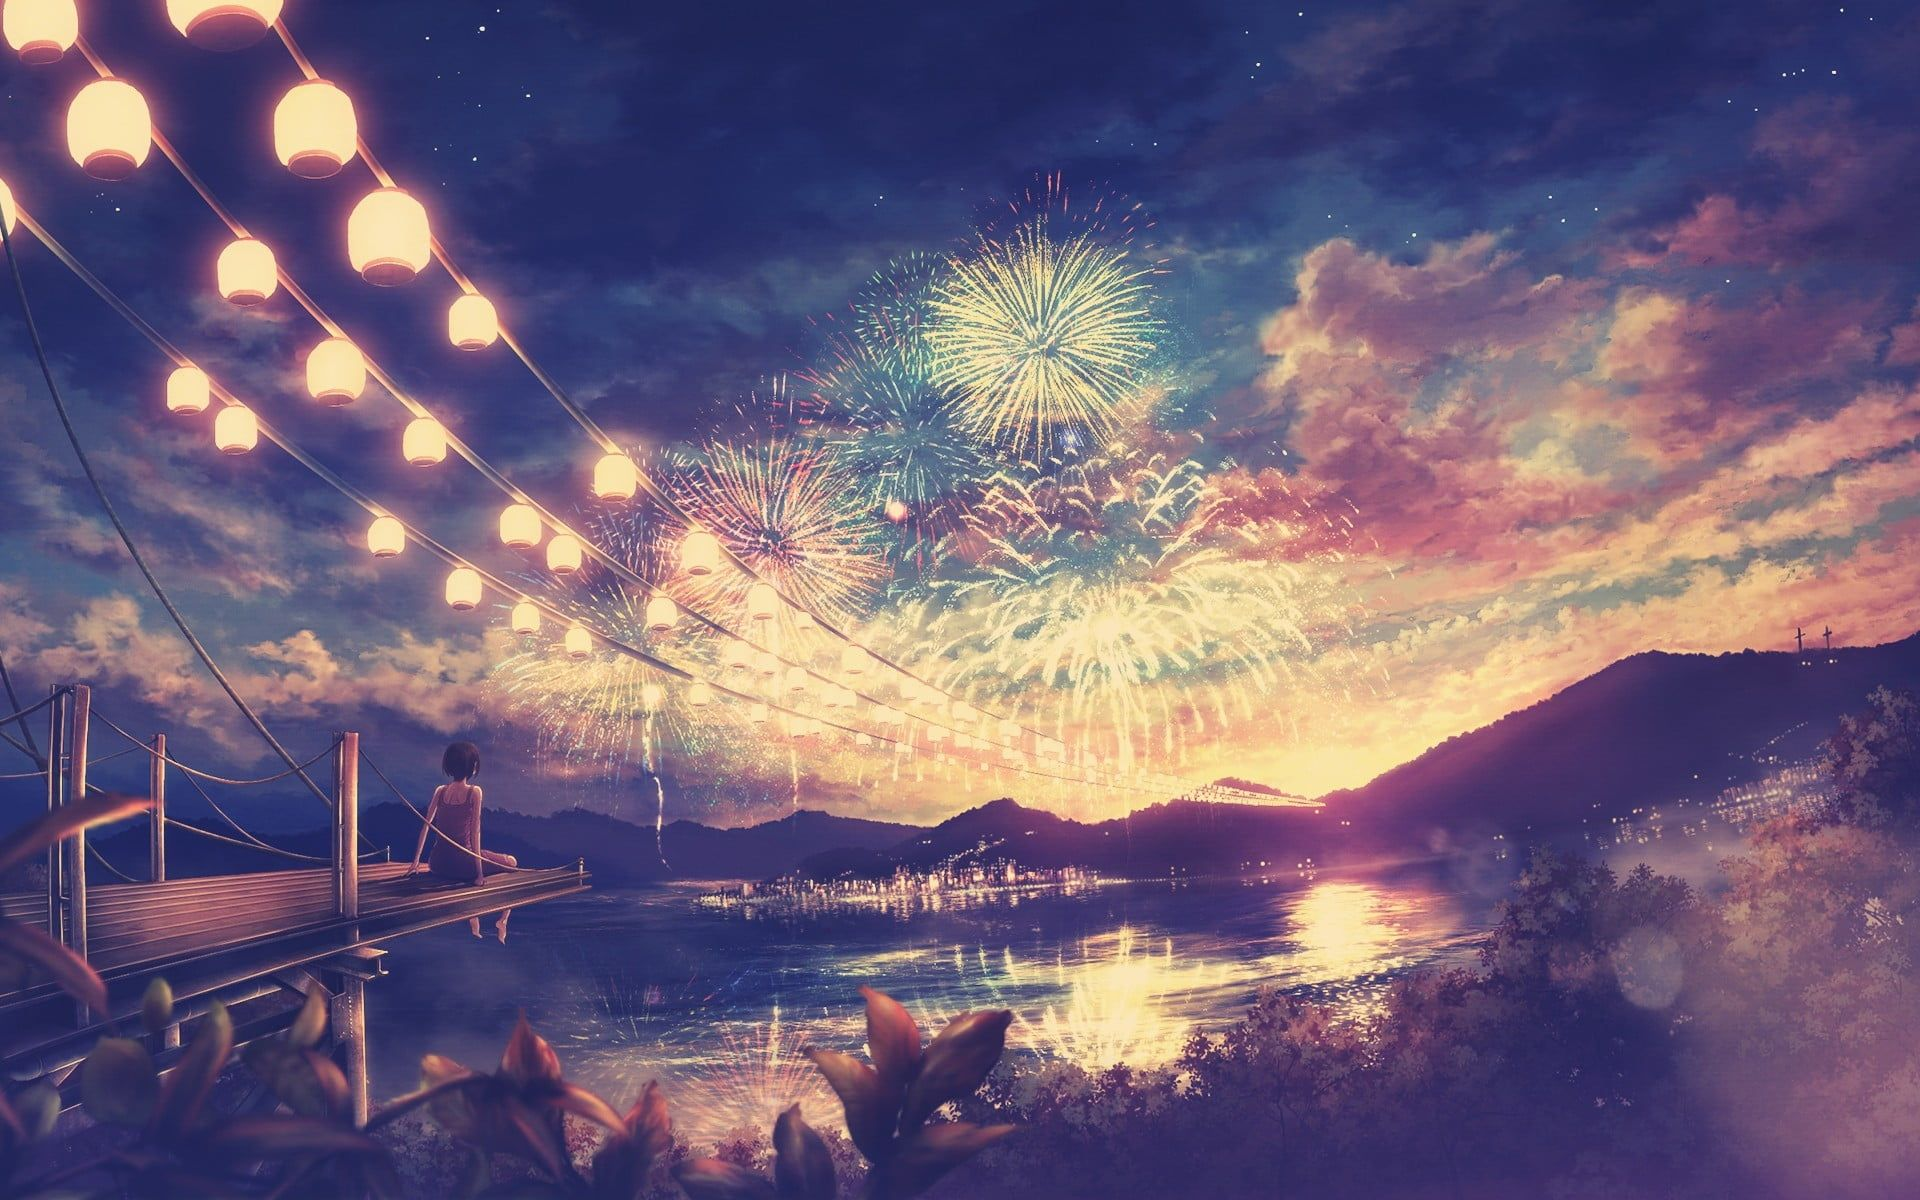 Fireworks Anime Girls Anime 1080p Wallpaper Hdwallpaper Desktop Anime Scenery Wallpaper Anime Scenery Scenery Wallpaper Fireworks anime hd wallpaper